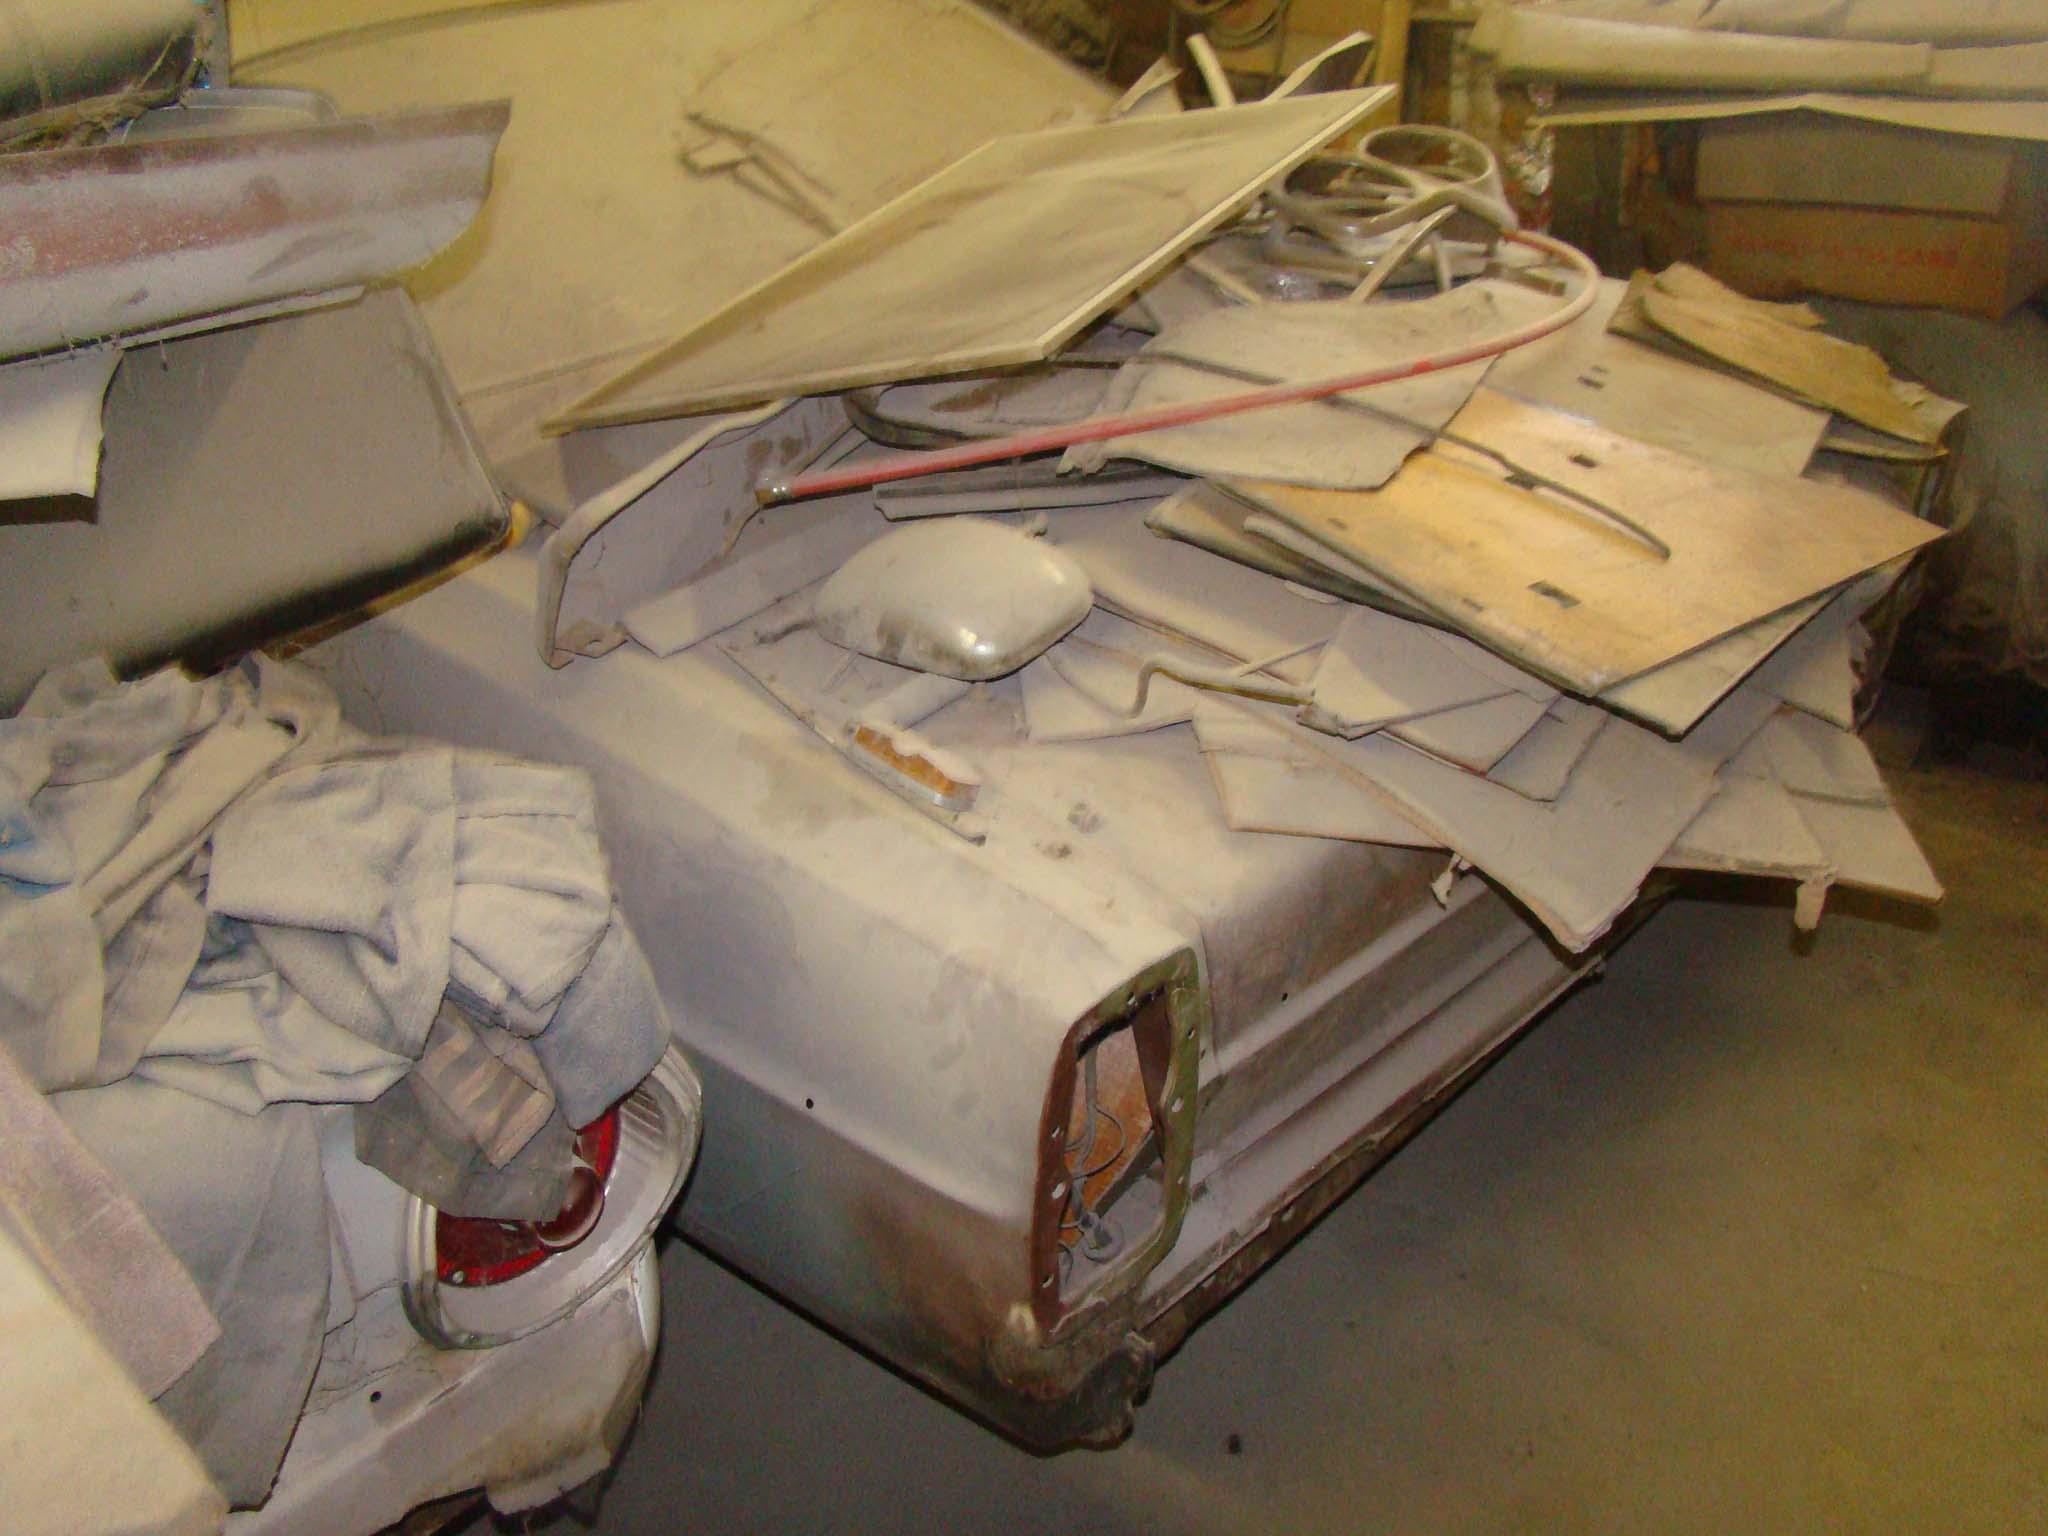 001 Cushman 1967 427 Ford Fairlane As Found